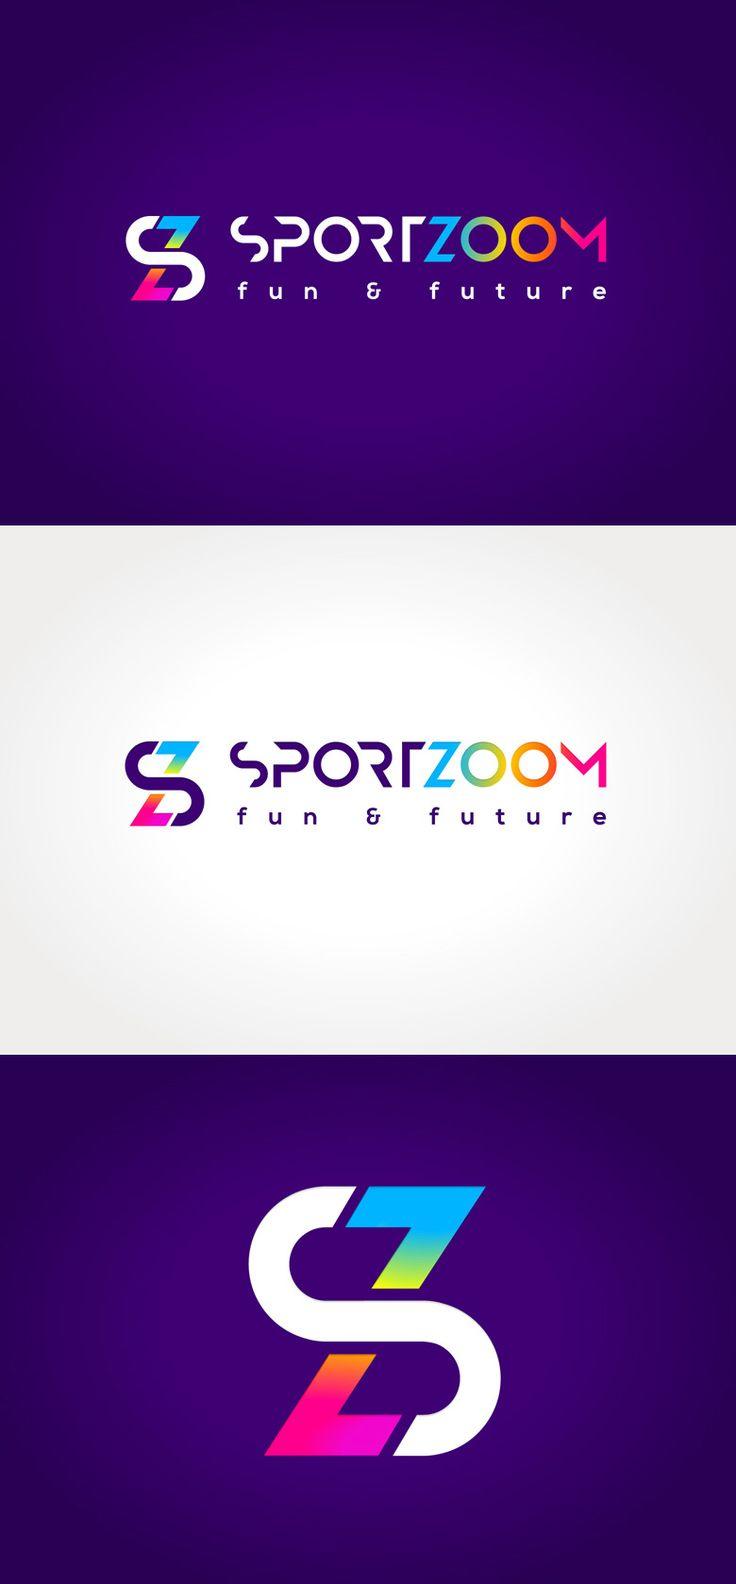 Diseño de logotipo para Sportzoom, un centro de ocio ubicado al norte de Madrid y dirigida especialmente al público infantil y juvenil. El recinto contiene instalaciones deportivas (fútbol, baloncesto y padel), un parque infantil para los más pequeños y una gran sala de videojuegos y máquinas recreativas de última generación. También incluye una cafetería-restaurante.